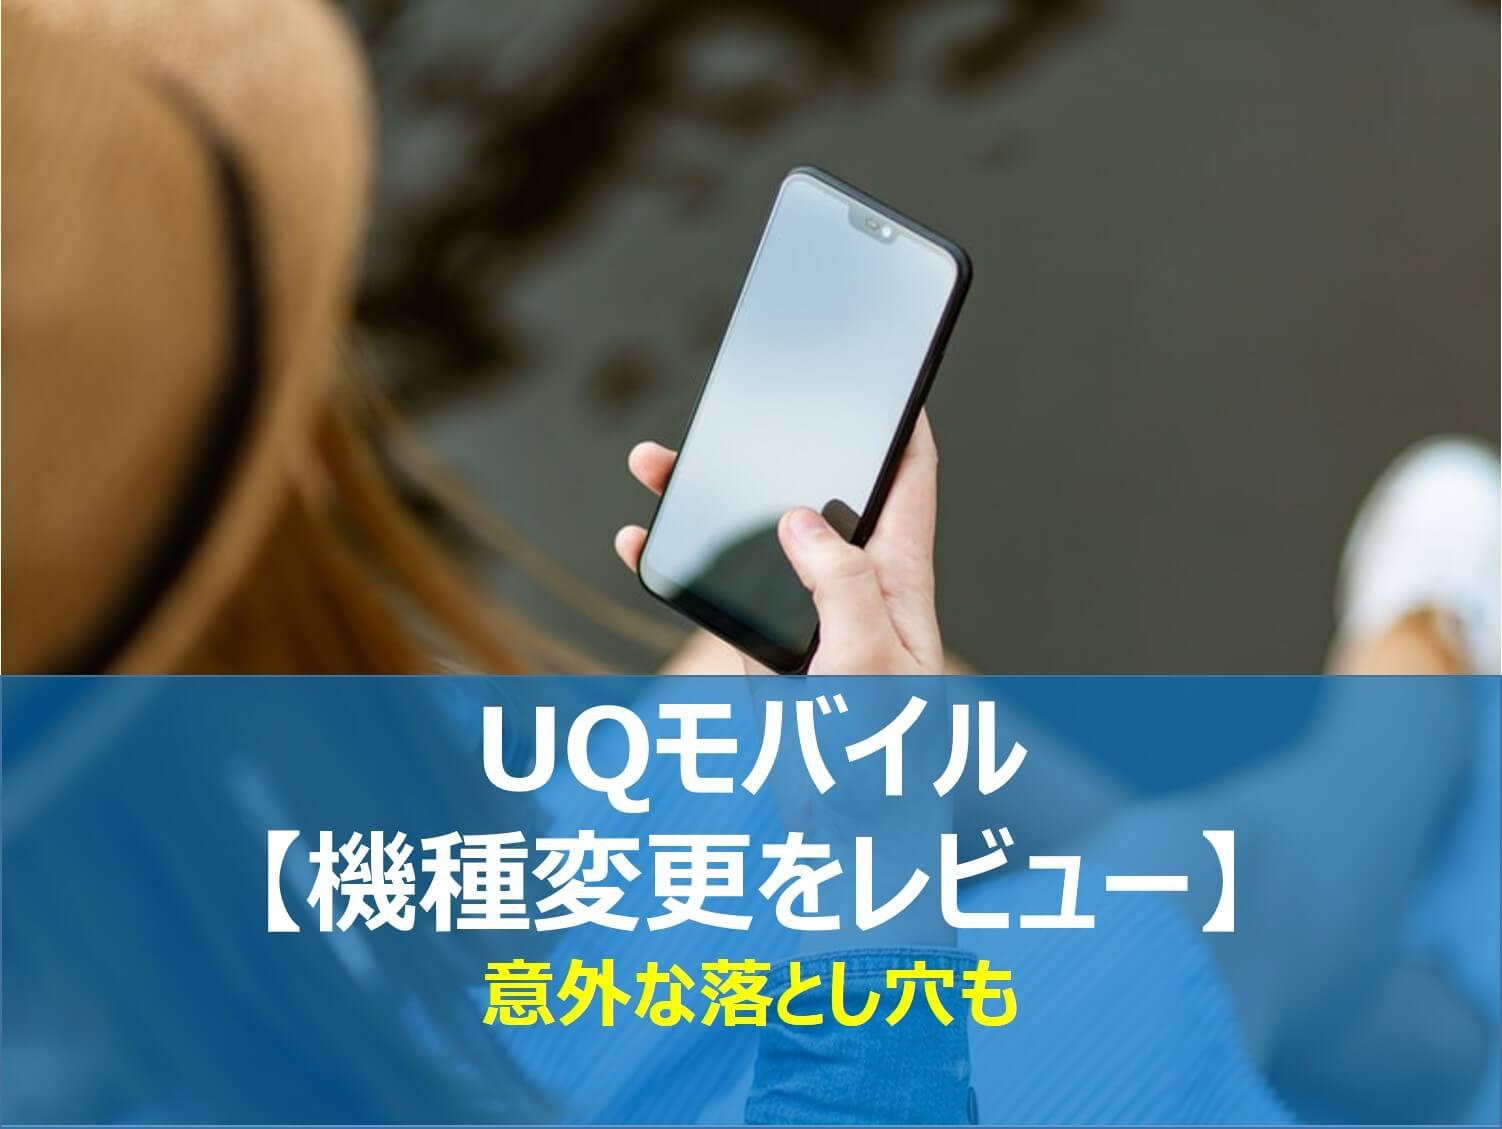 モバイル 変更 uq プラン